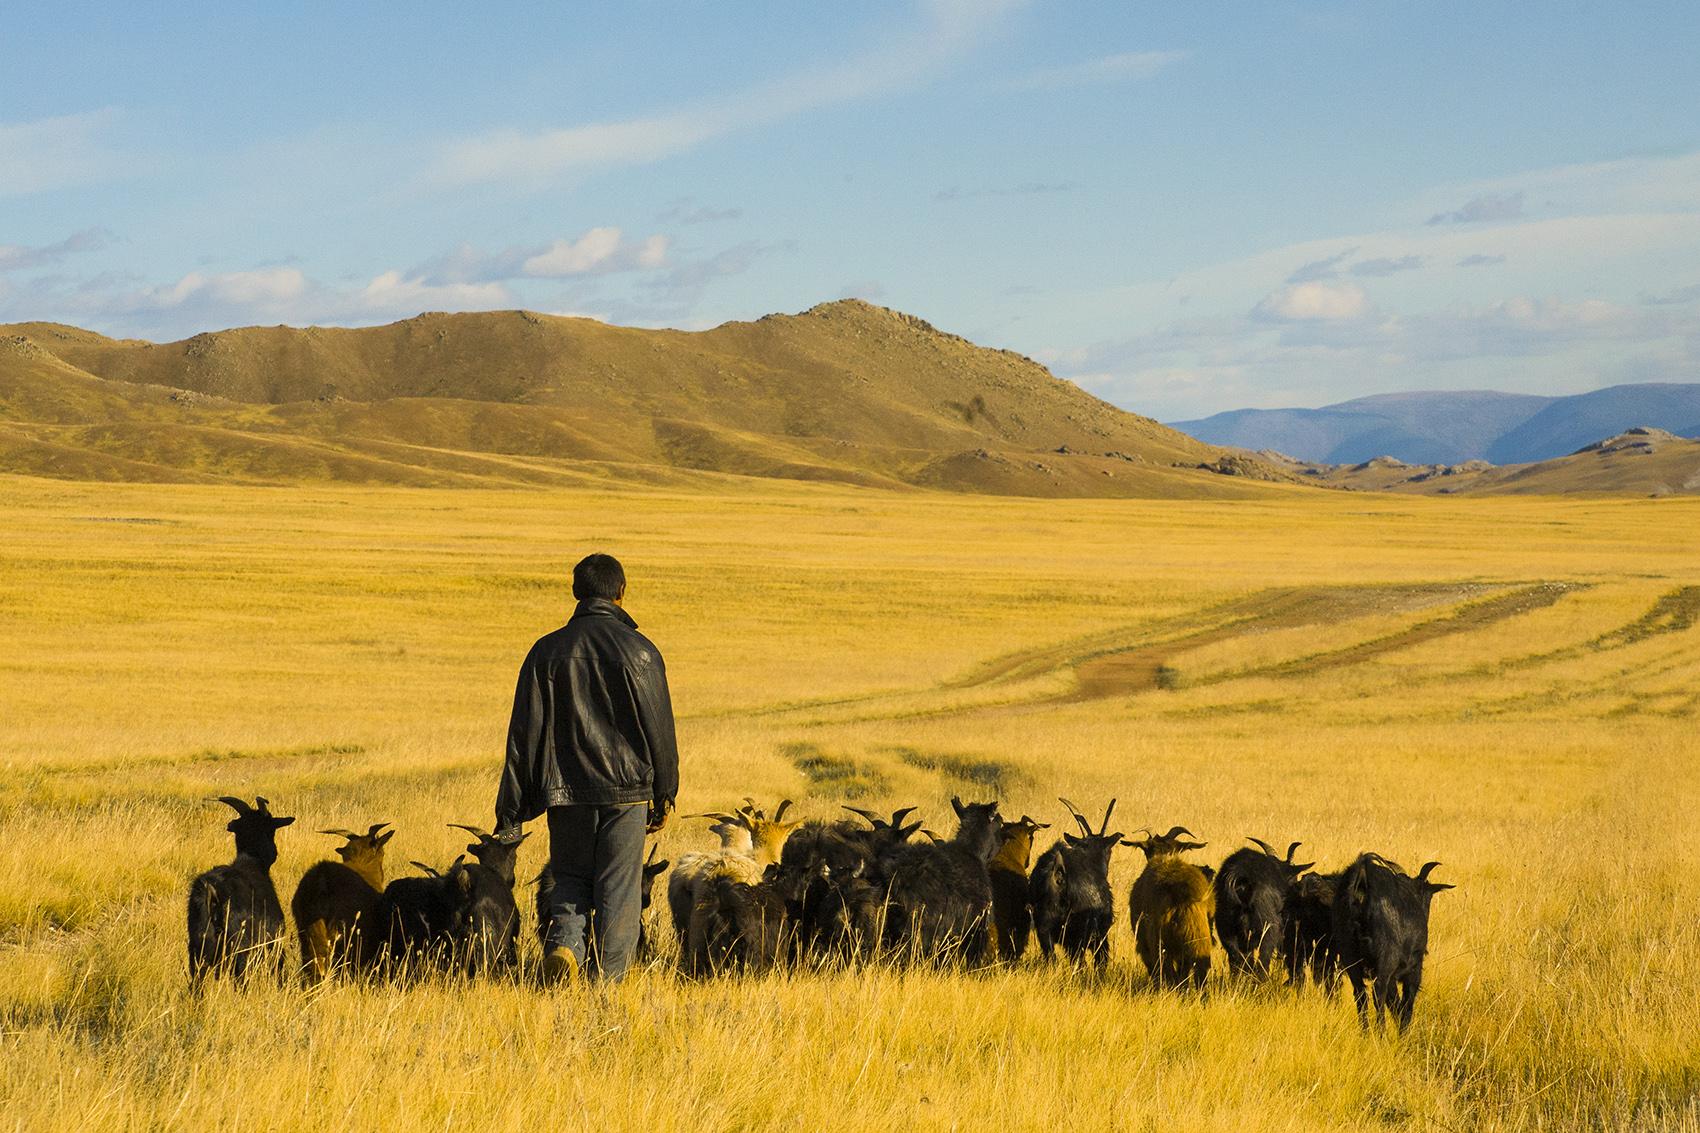 Northern Mongolia